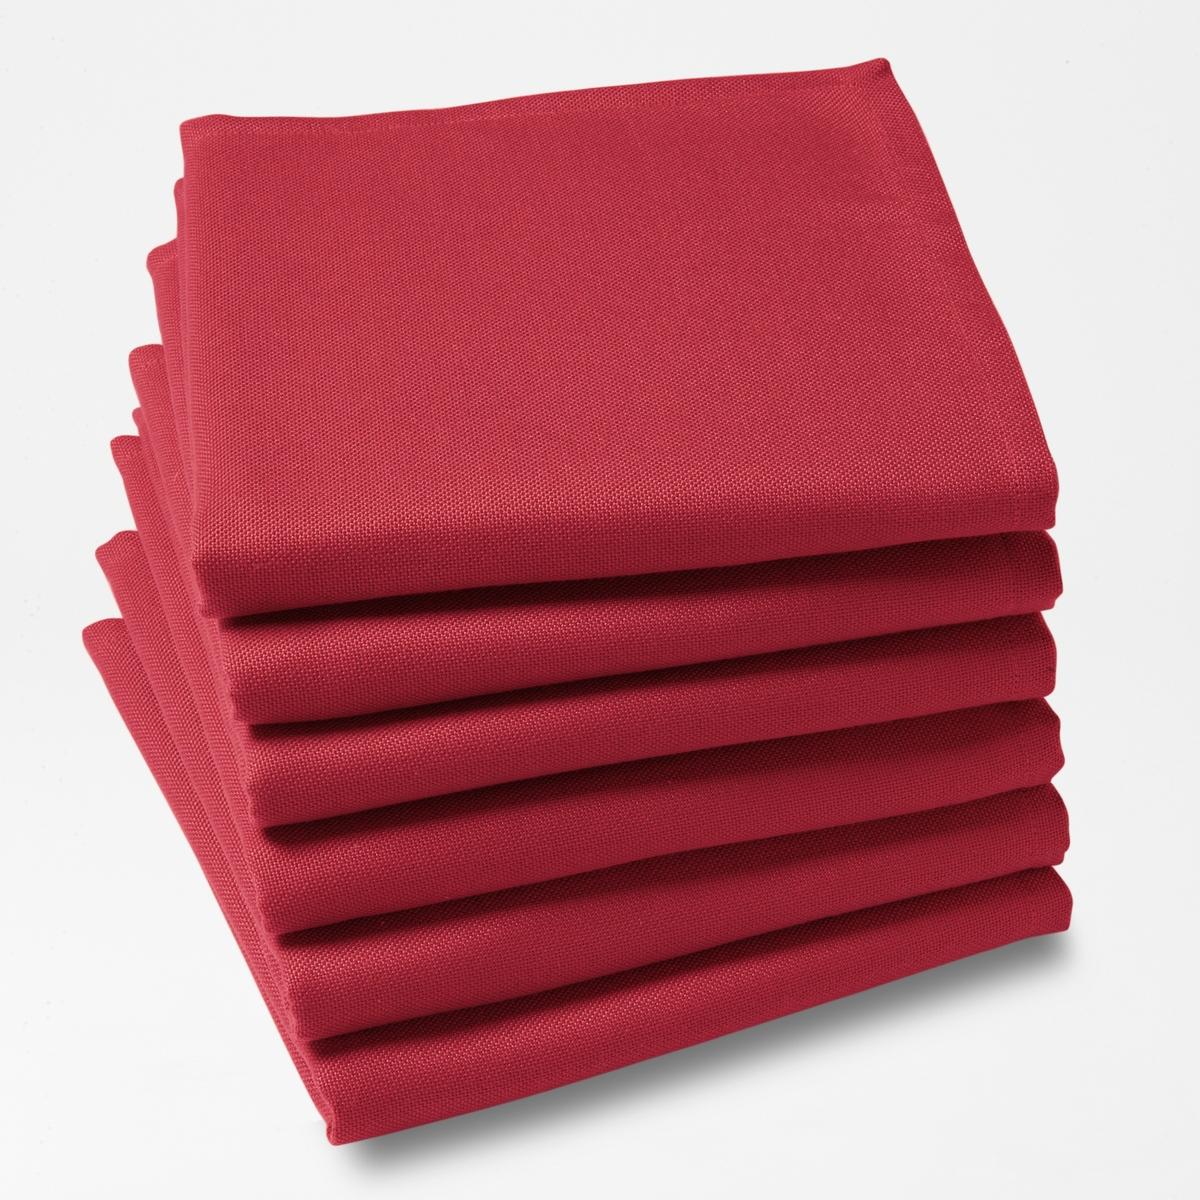 6 салфетокКомплект из 6 однотонных столовых салфеток из 100% полиэстера с покрытием от пятен. Легкость ухода, глажение не требуется. Характеристики столовых салфеток:100% полиэстера.Покрытие от пятен.Подшитые края. Стирать при 40°.Размер. 45 x 45 см.Знак Oeko-Tex® гарантирует, что товары протестированы и сертифицированы, не содержат вредных веществ, которые могли бы нанести вред здоровью.<br><br>Цвет: белый,красный,розовая пудра,светло-серый,серо-коричневый каштан,серый,сине-зеленый<br>Размер: 45 x 45  см.45 x 45  см.45 x 45  см.45 x 45  см